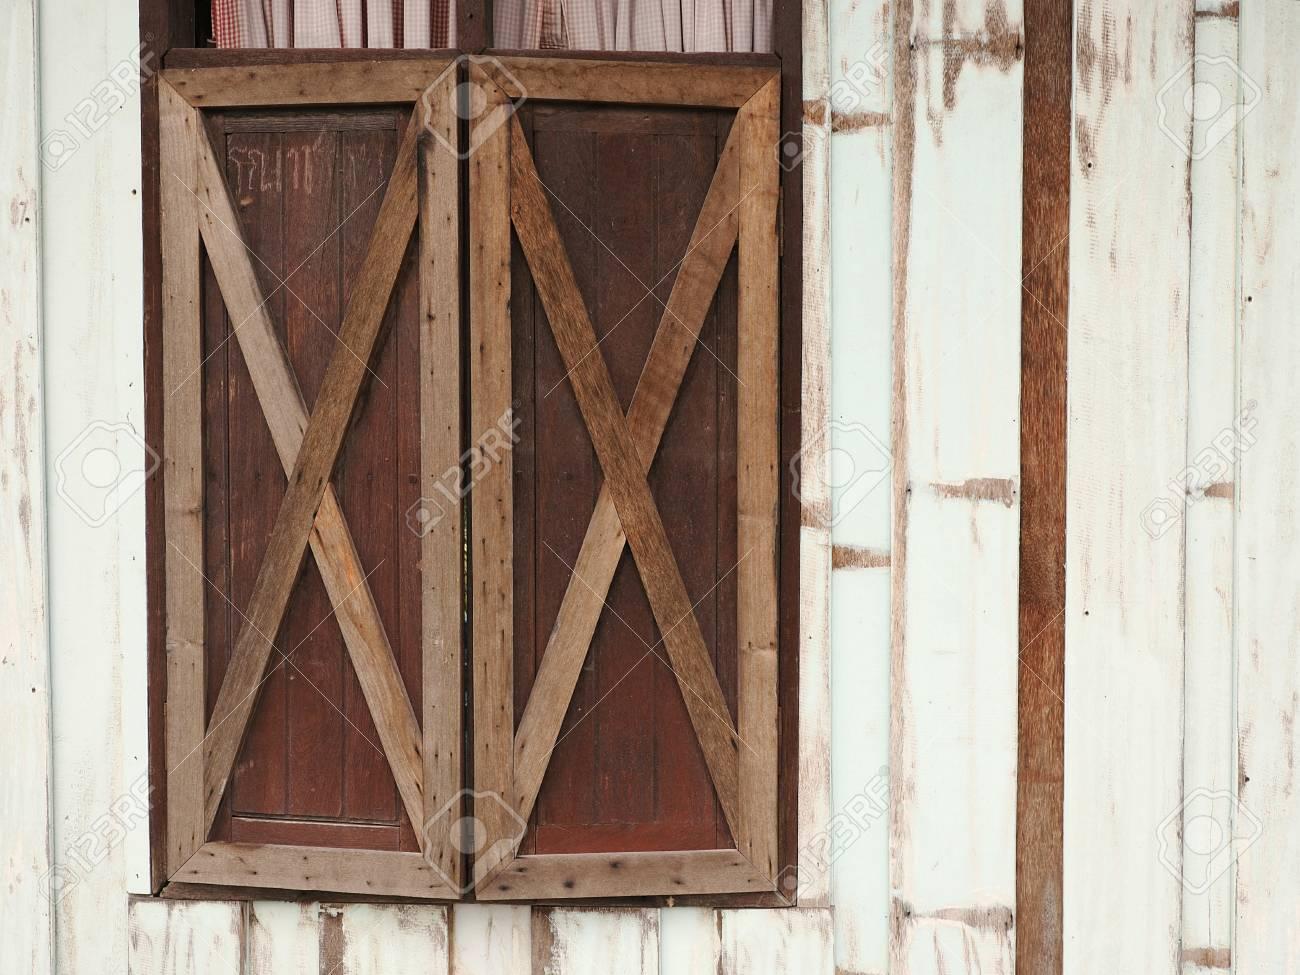 La Plinthe Du Mur vieille fenêtre en bois sur la planche de bois fond mur